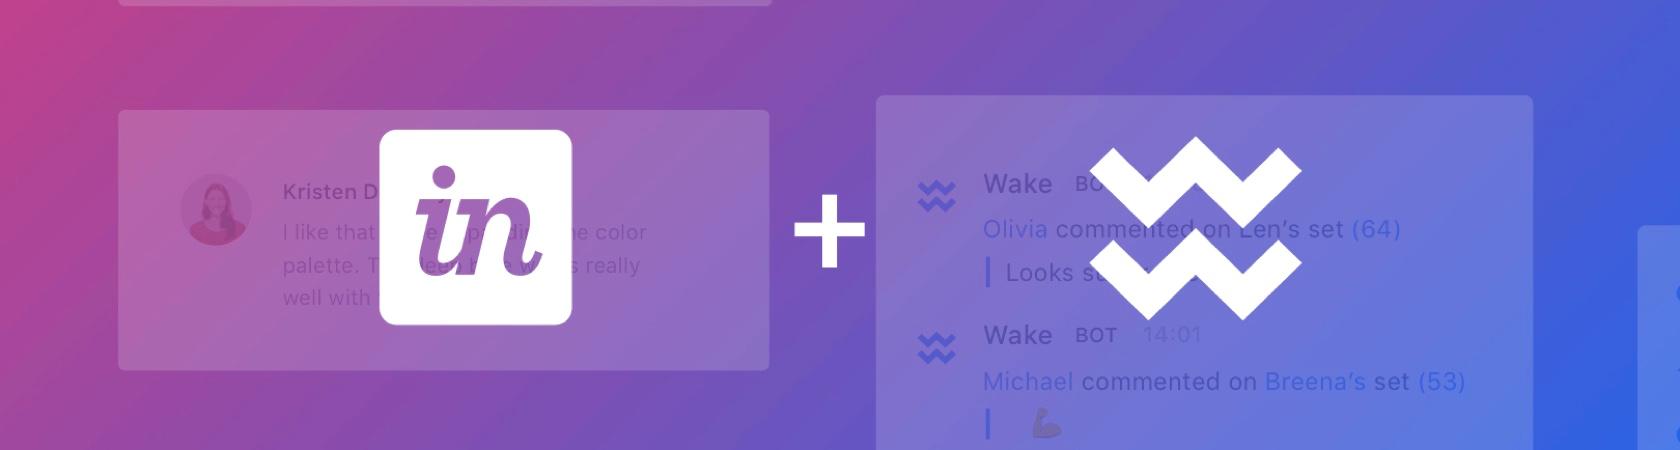 Wake + InVision